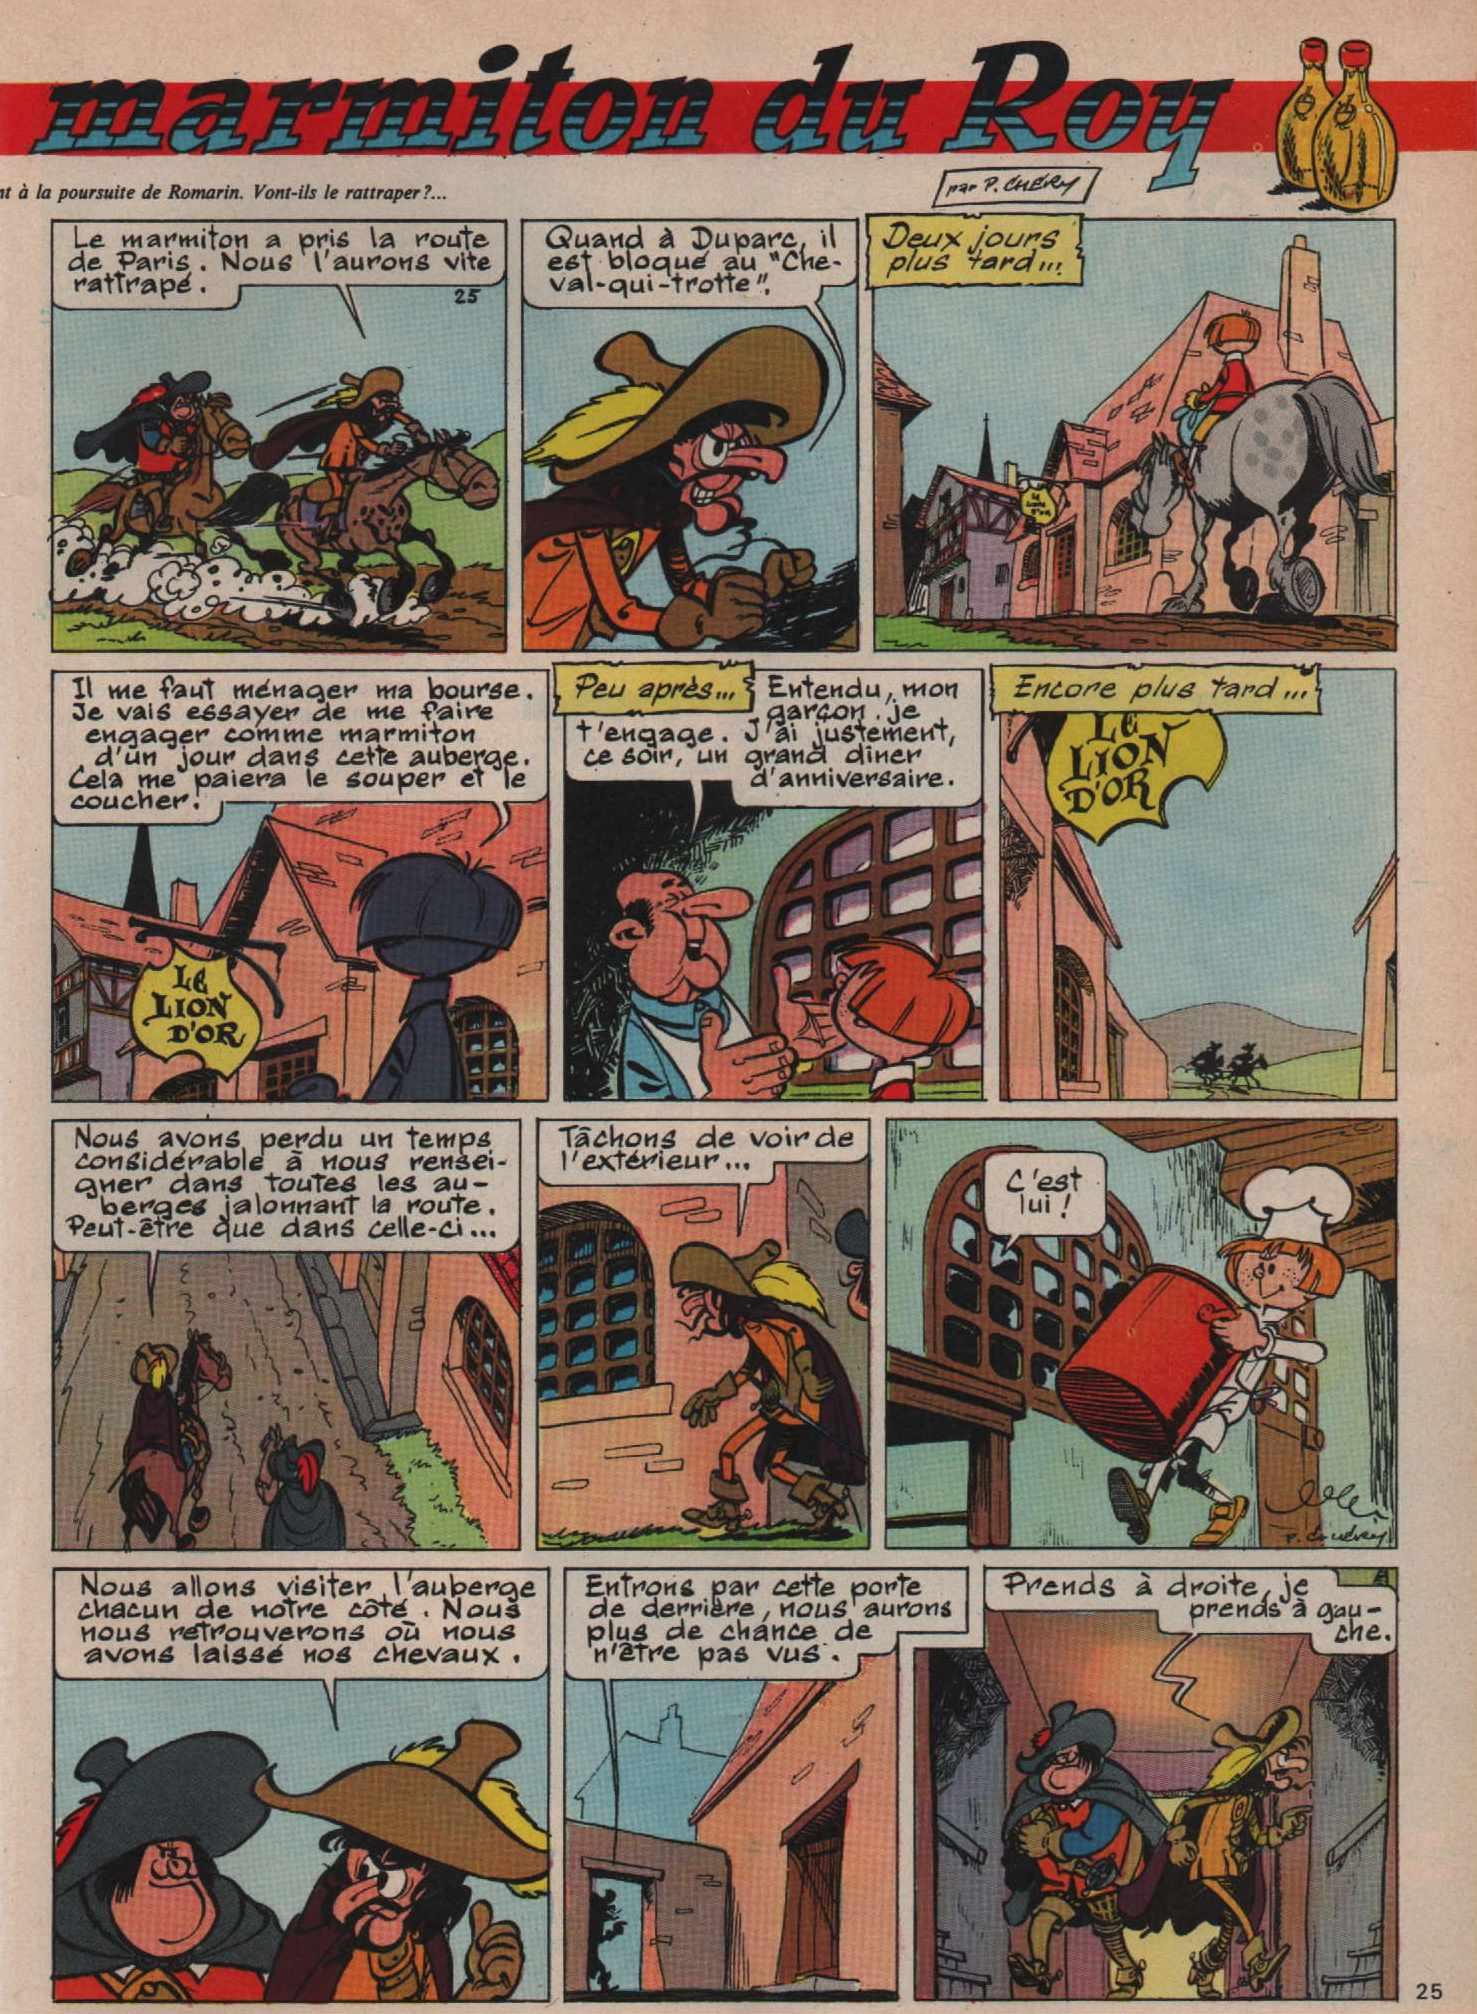 « Romarin : marmiton du Roy » Francs-jeux 462 (15/12/1965).